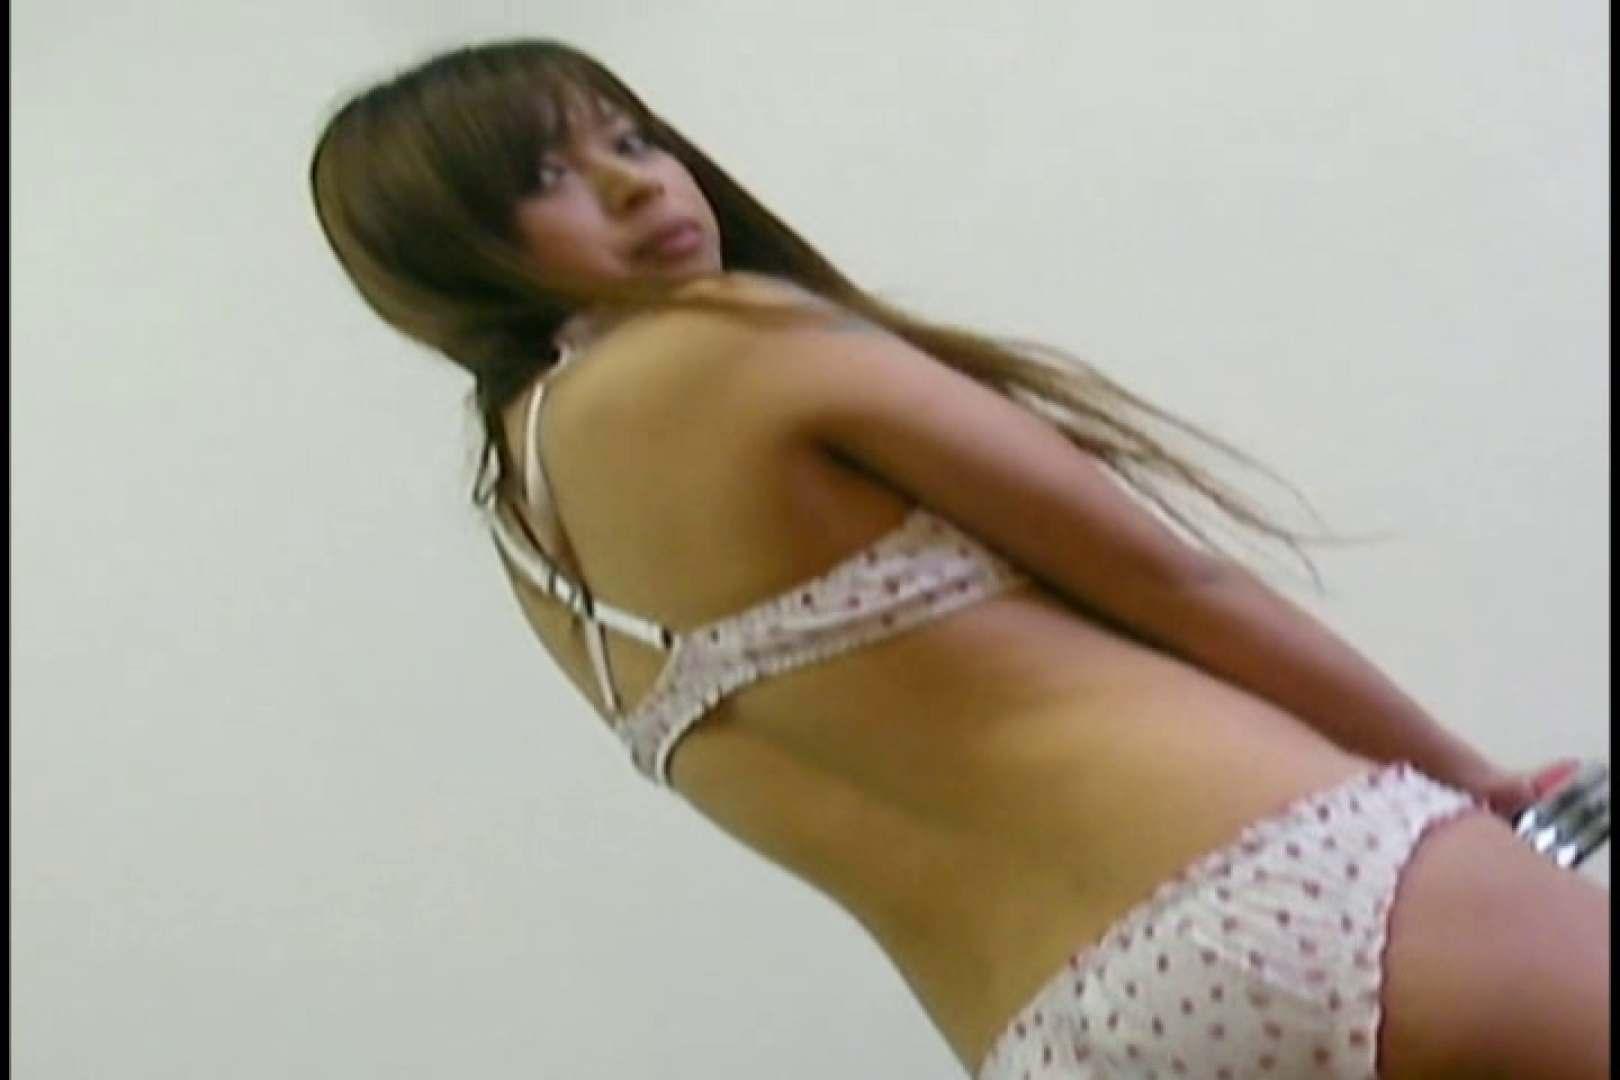 素人撮影 下着だけの撮影のはずが・・・ よしこ23歳 女子着替え | 素人  85pic 23